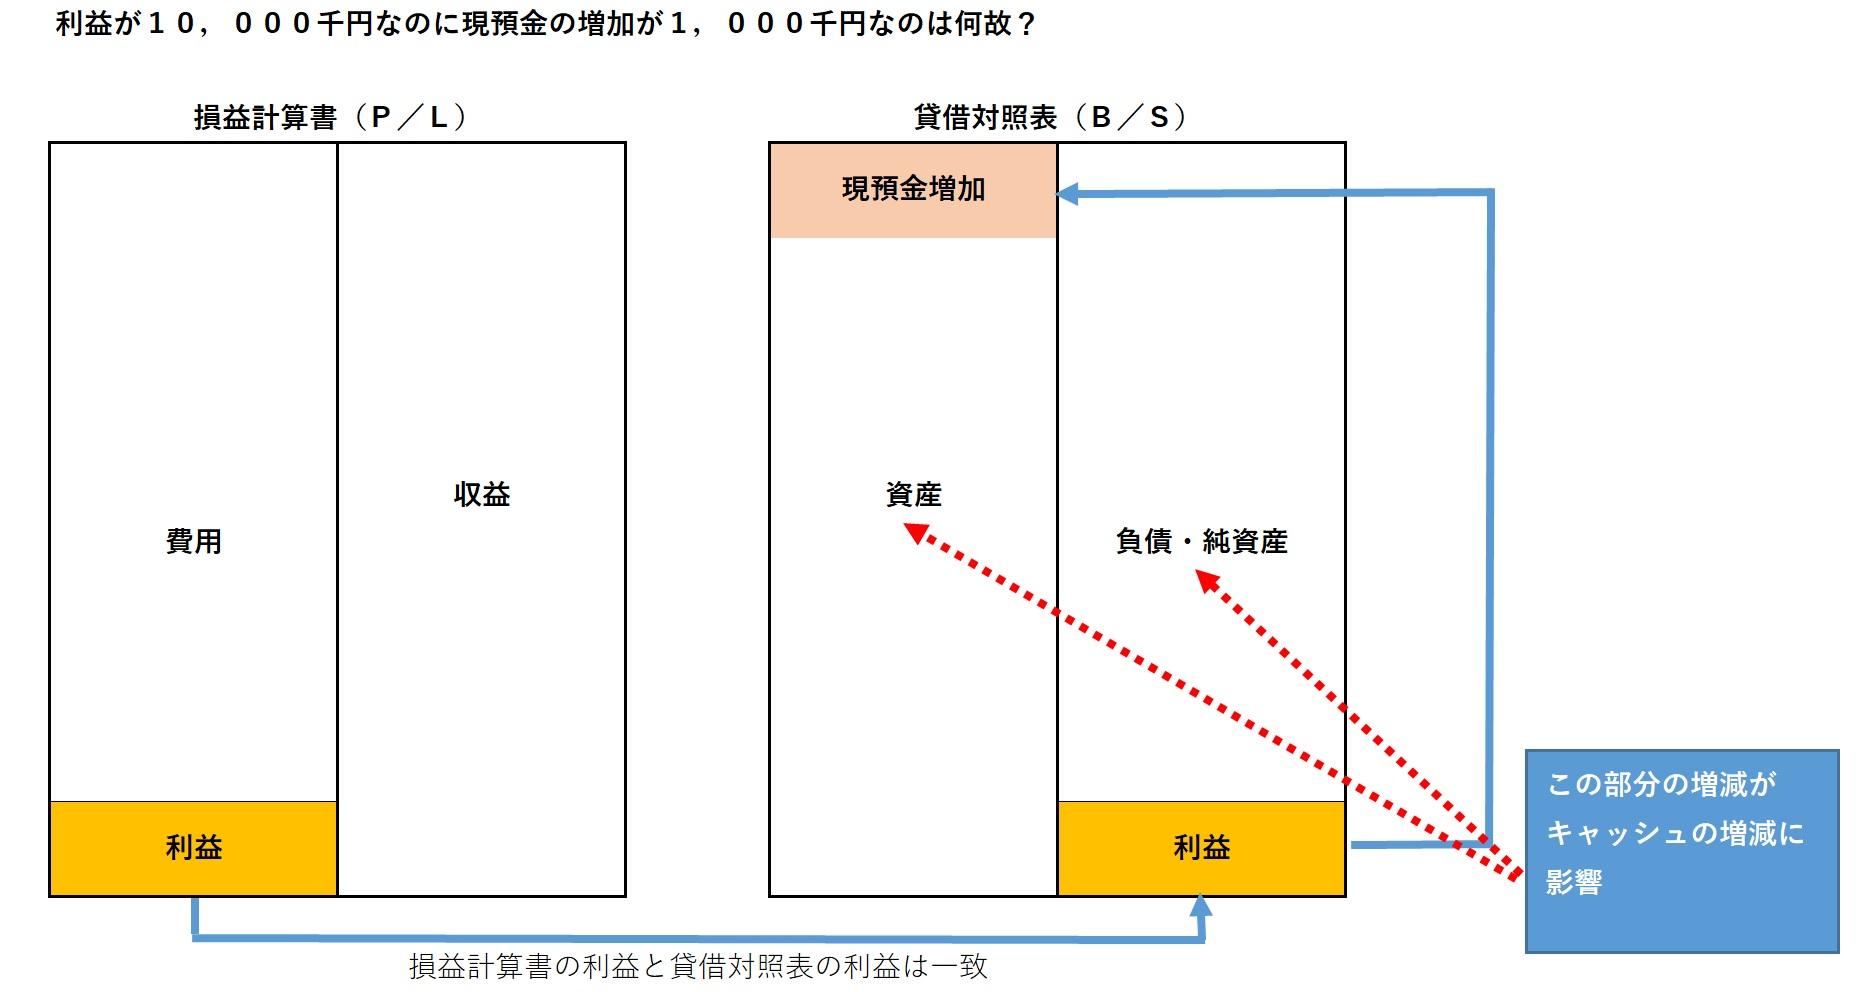 利益と現預金増減の関係